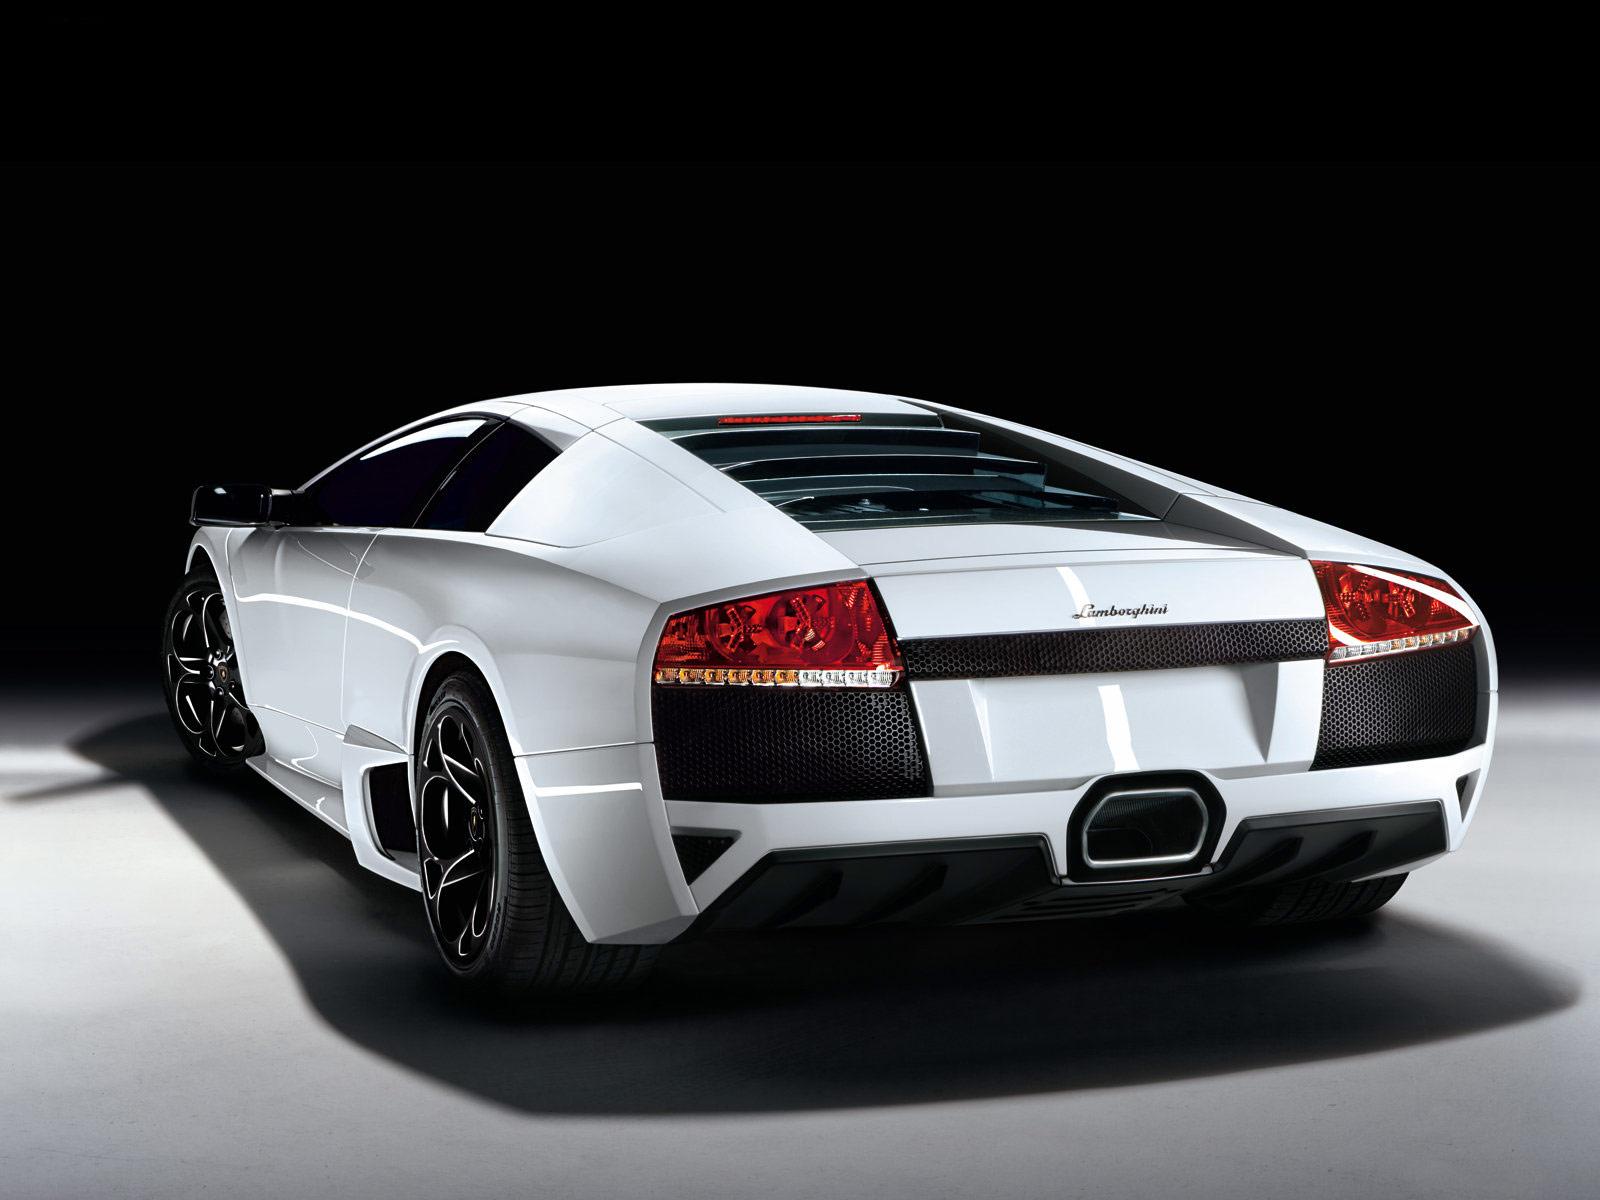 2007 Lamborghini Murcielago Lp640 Versace Pictures